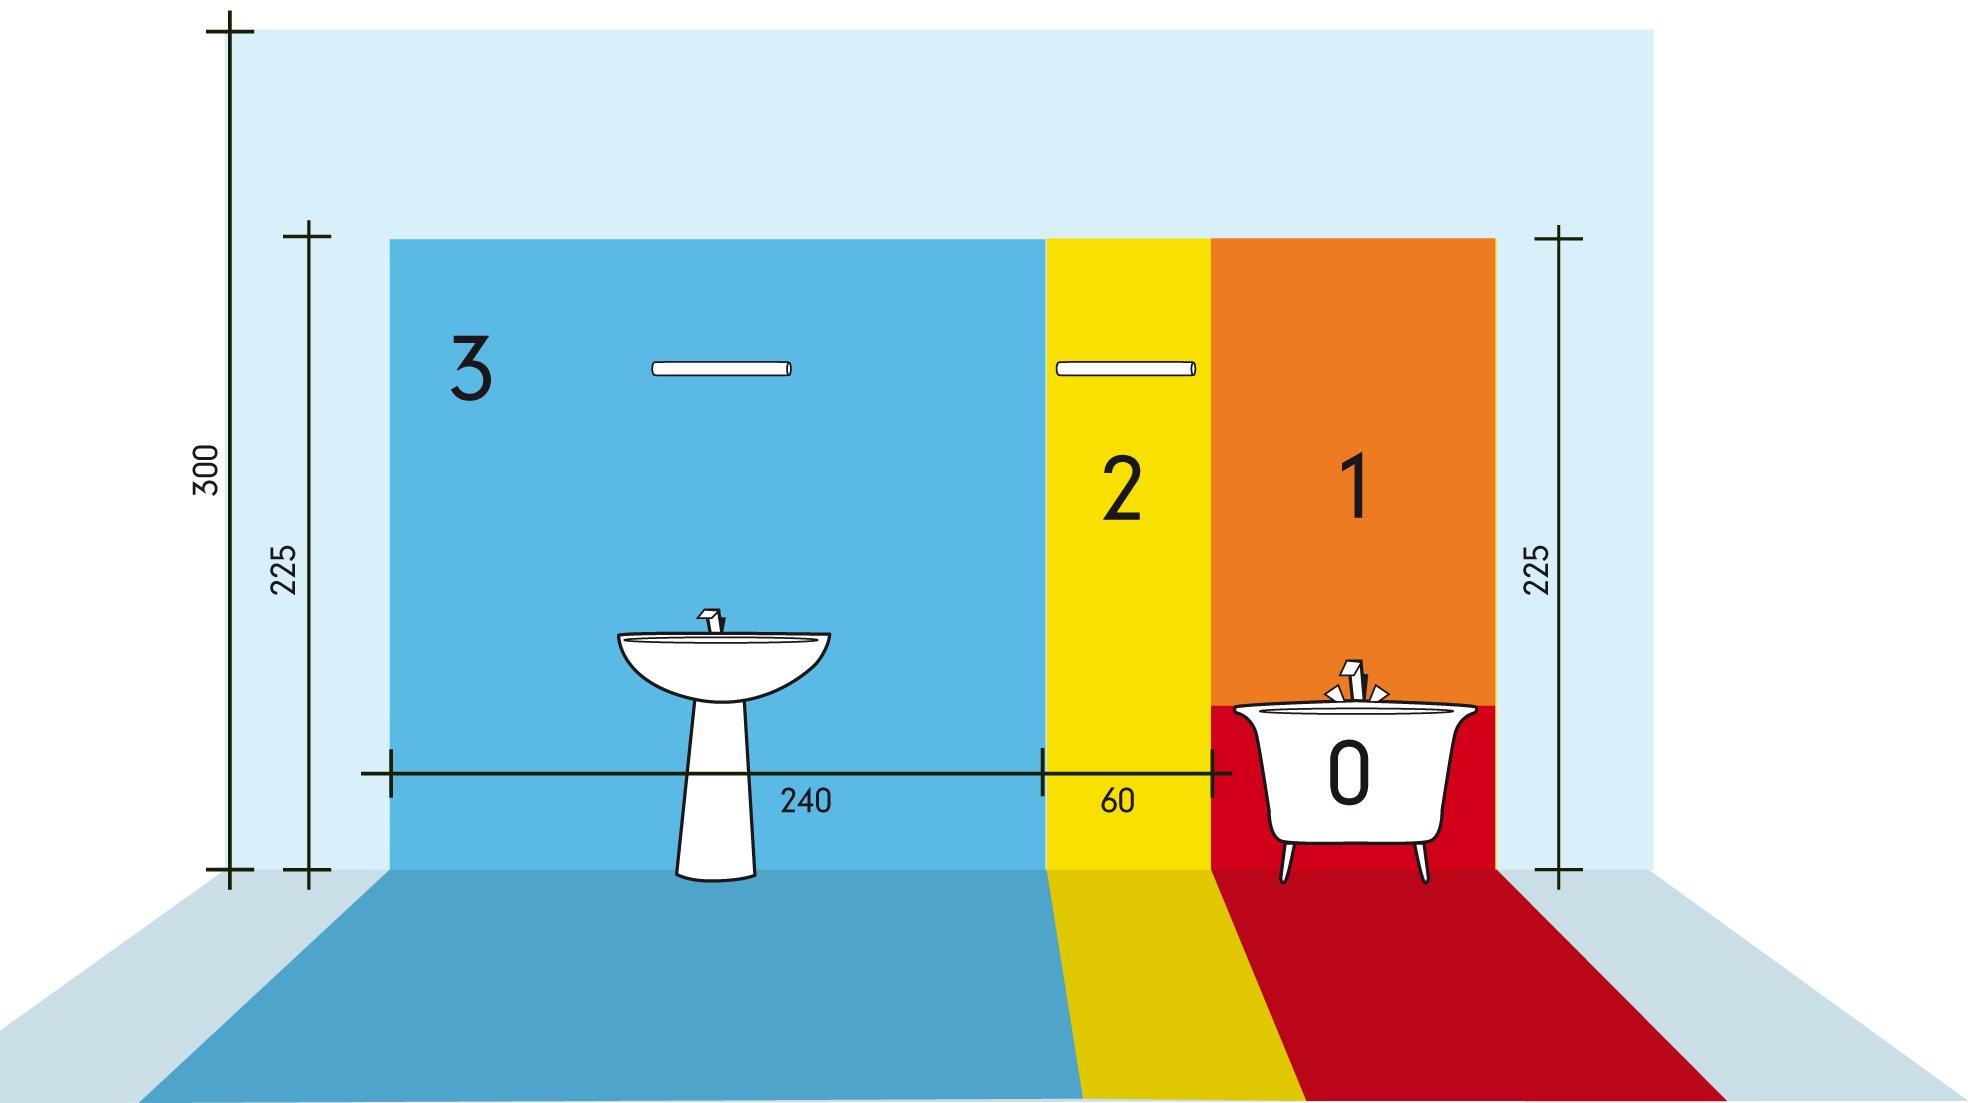 zona 0 colore bianco zona 1 colore arancione zona 2 colore